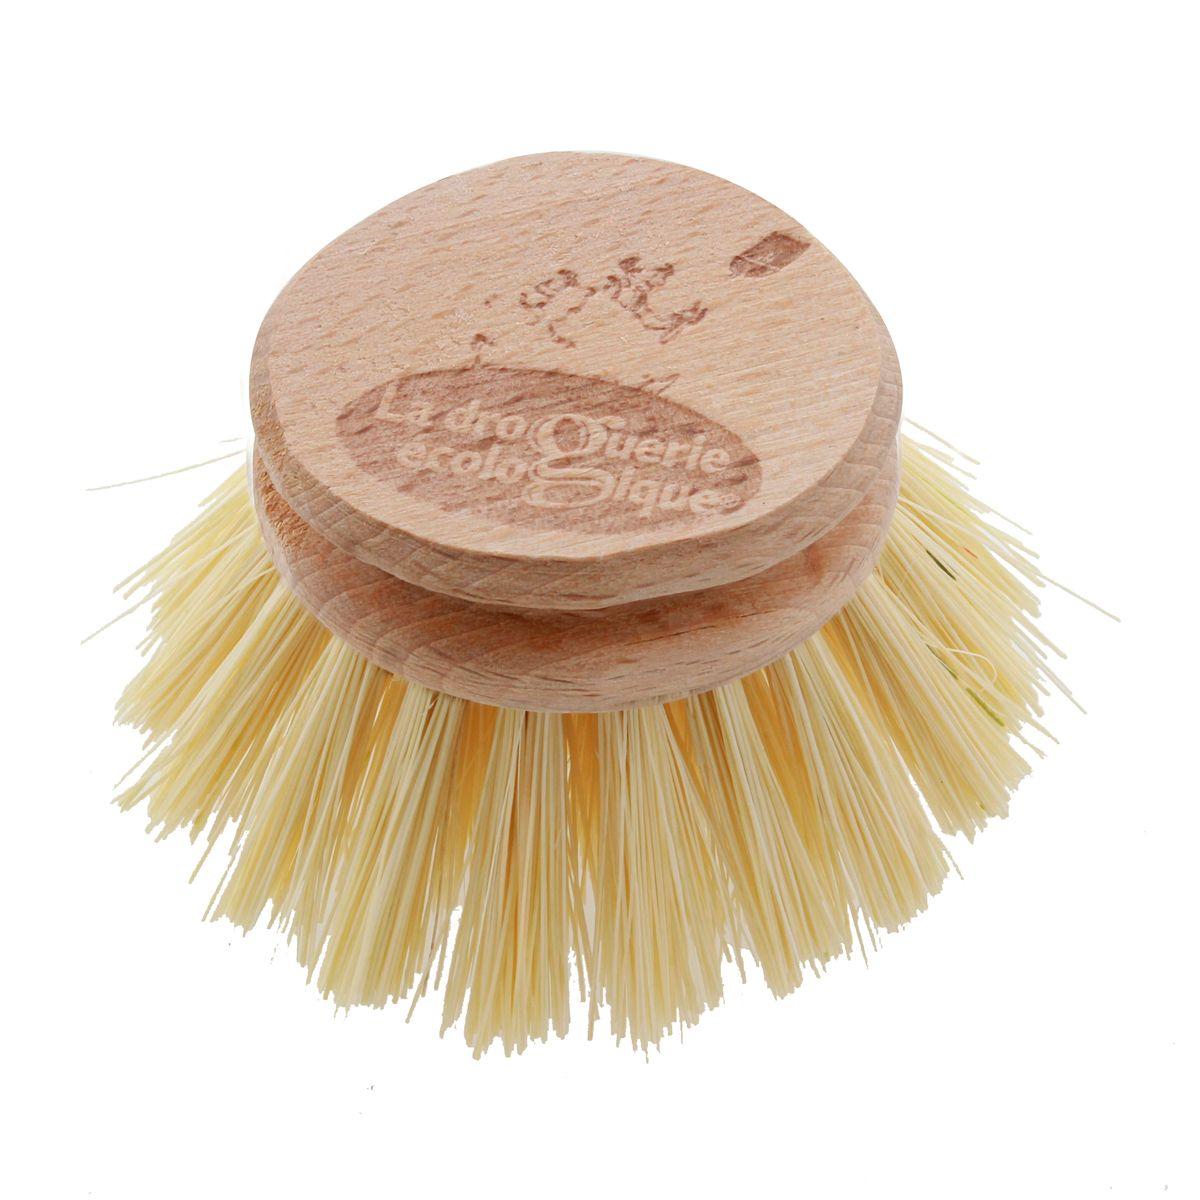 Recharge tête de brosse à vaisselle en fibres d´agave et bois de hêtre non traité 6 cm - La droguerie écologique